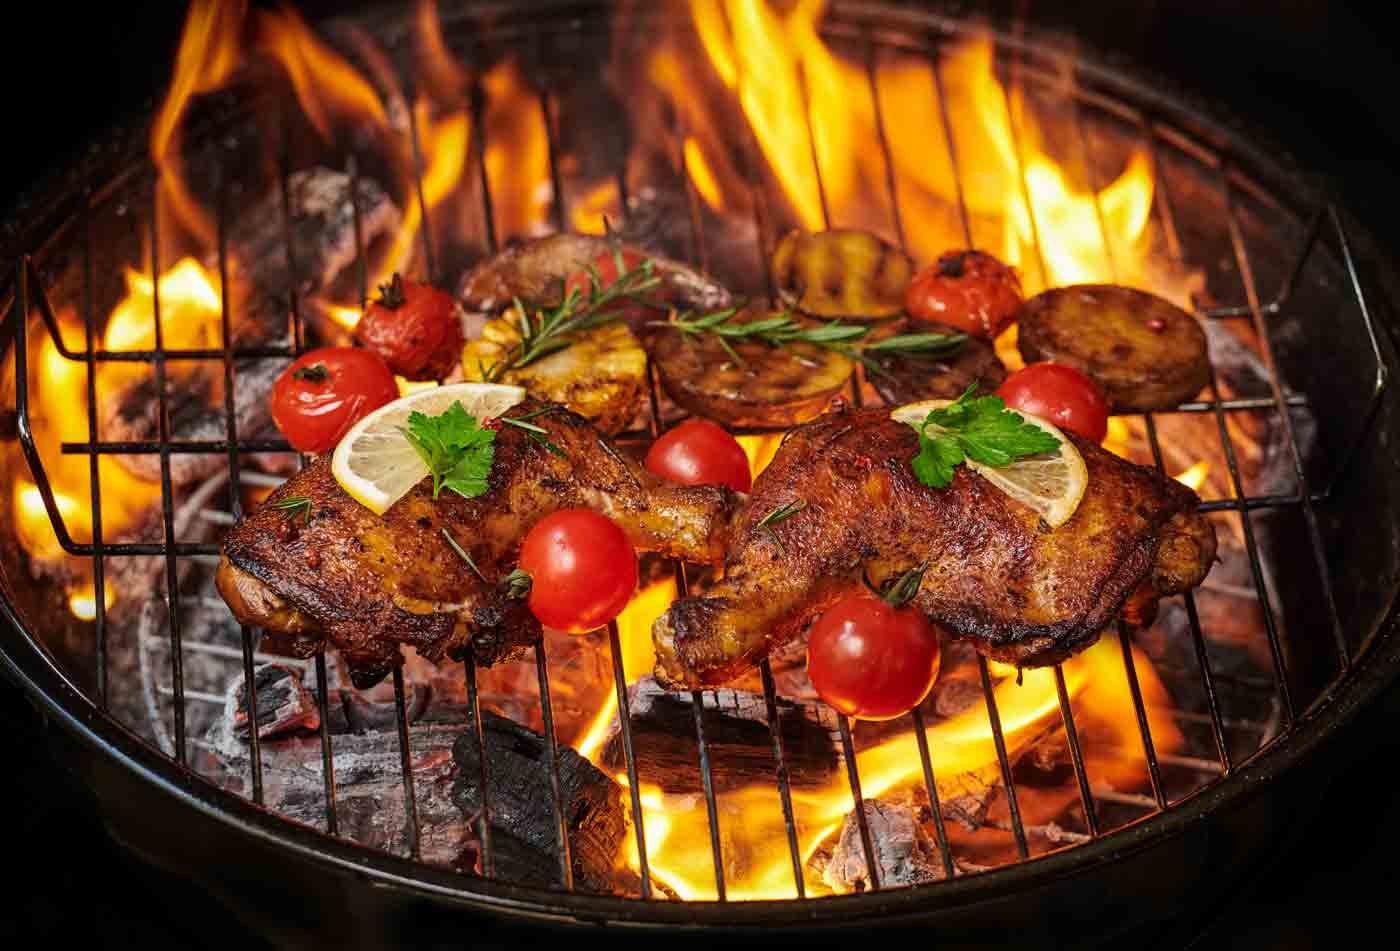 cuissons des aliments et santé